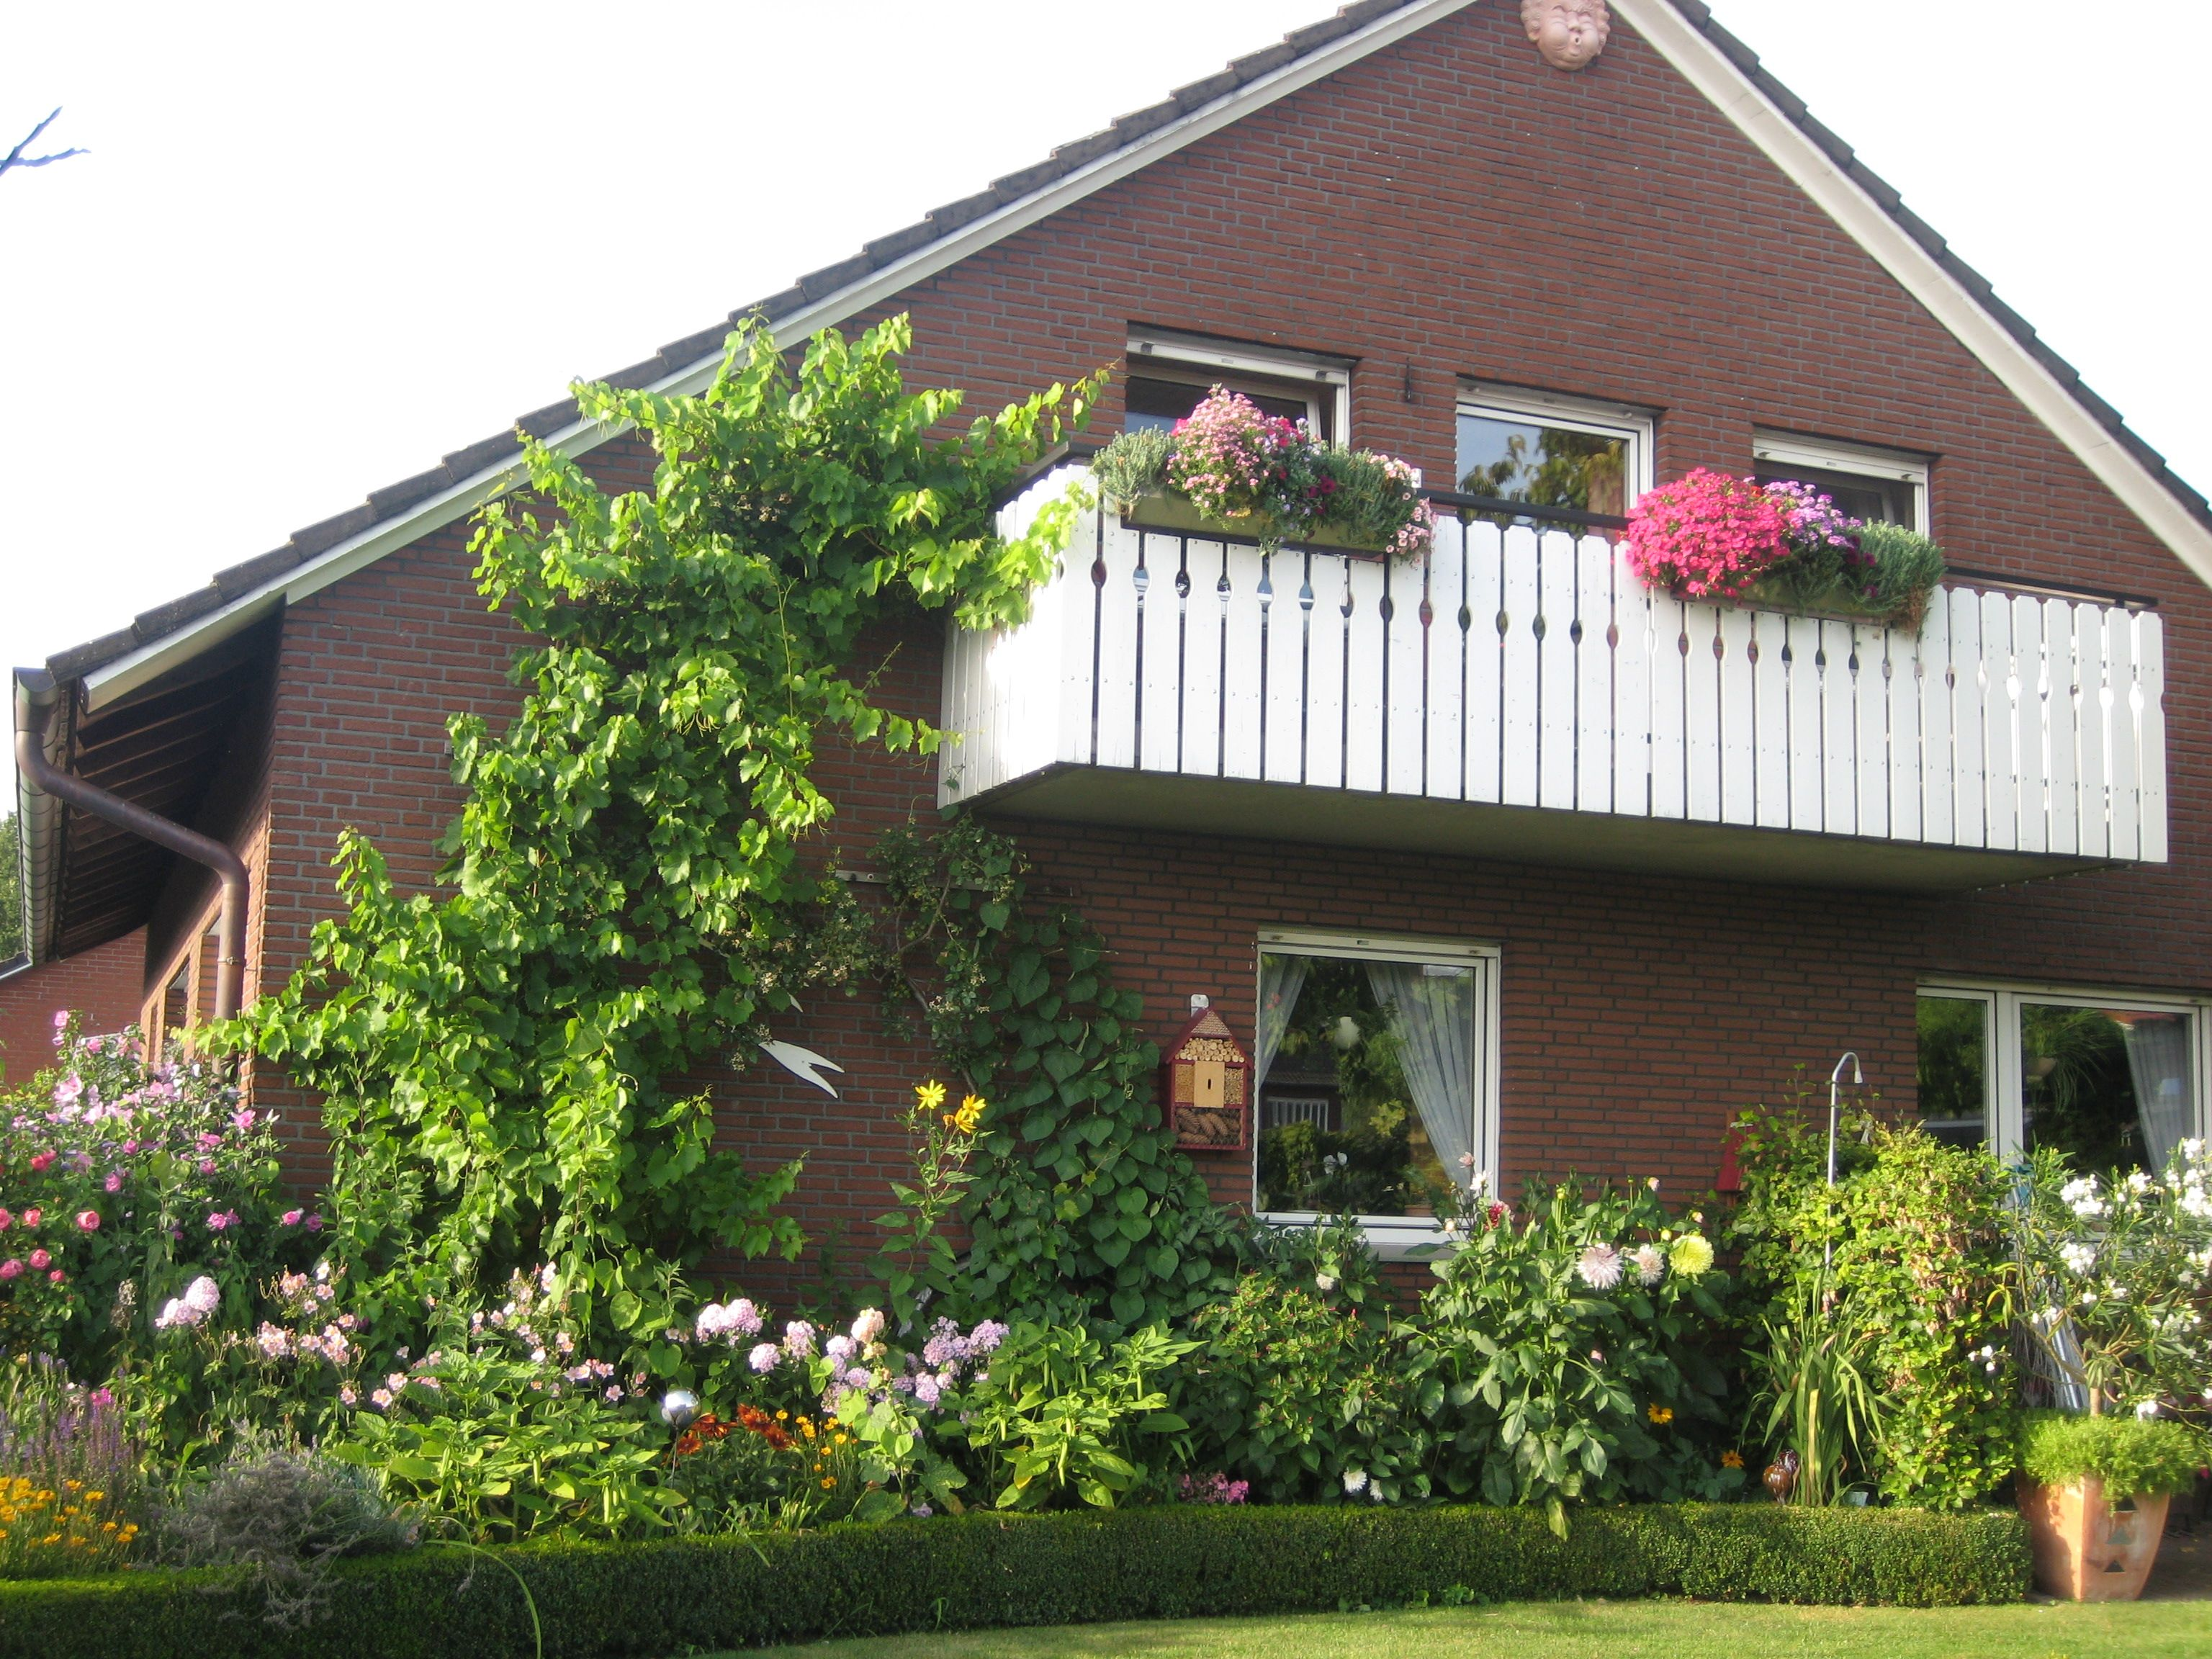 Ferienwohnung G. Kretschmer, (Everswinkel-Alverski Ferienwohnung in Nordrhein Westfalen